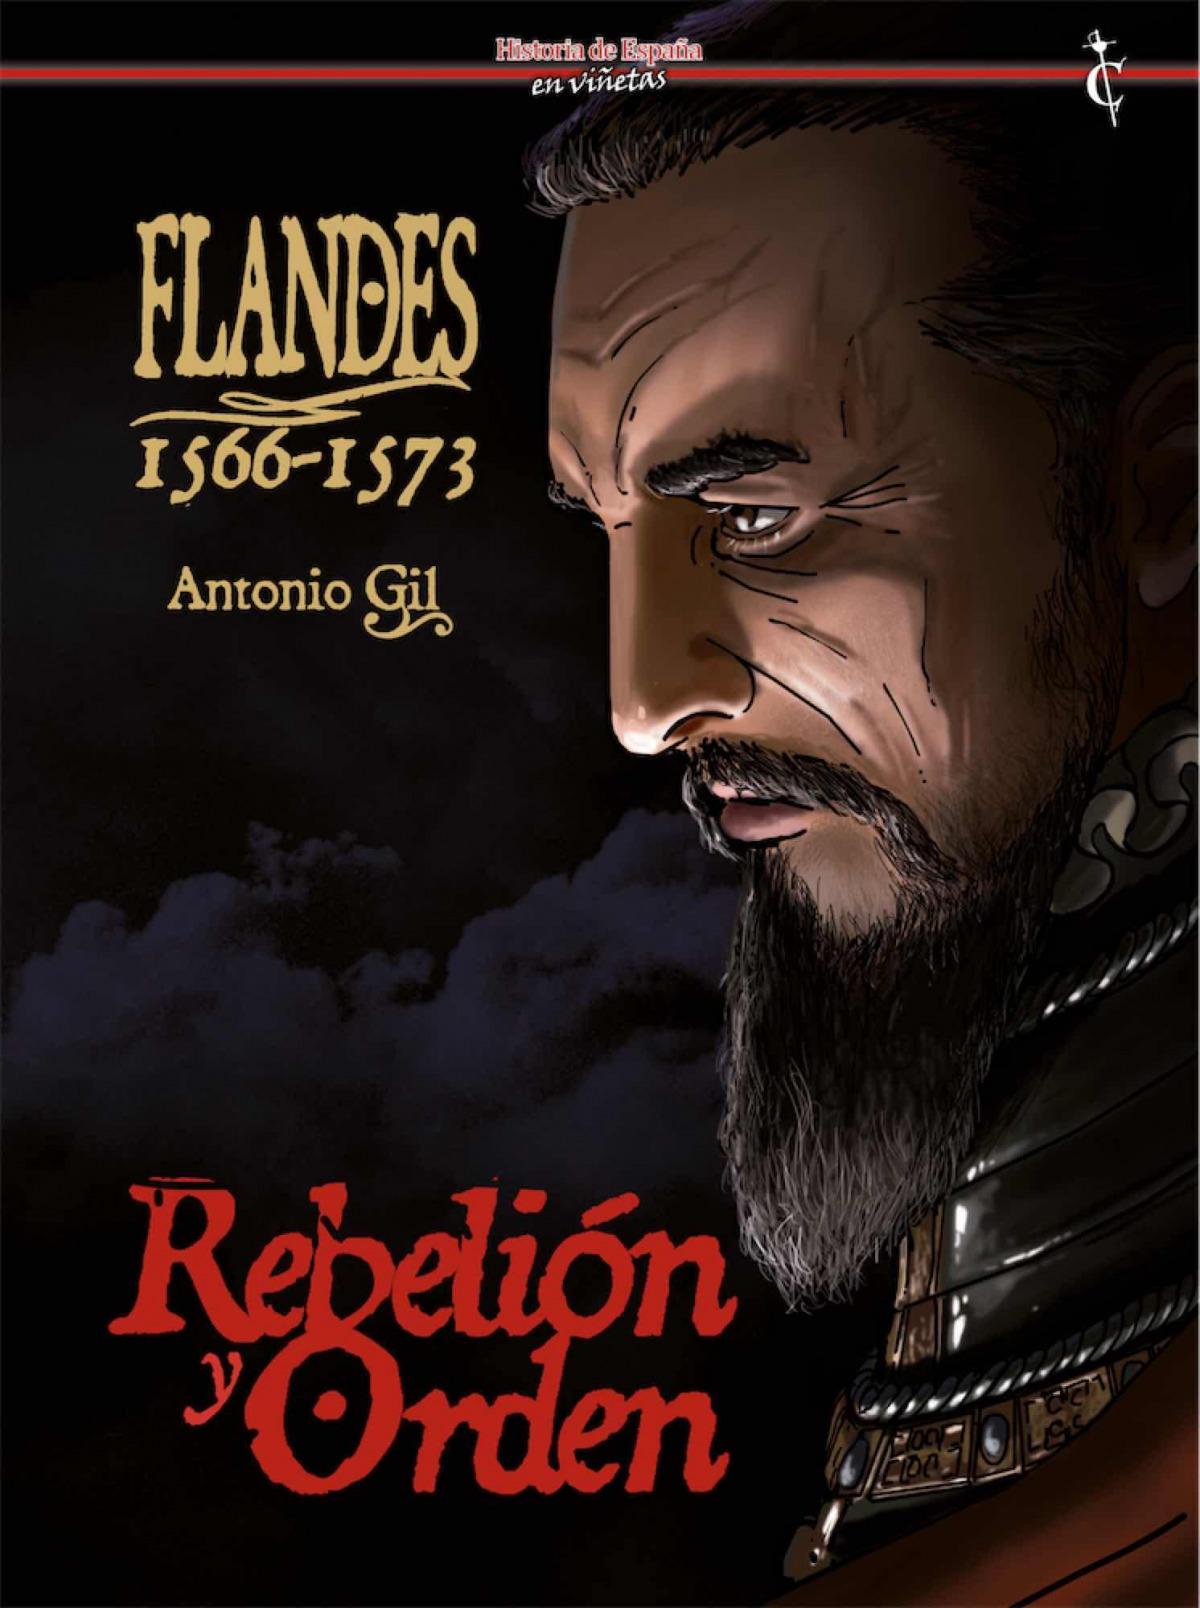 FLANDES 1566 - 1573 REBELION Y ORDEN